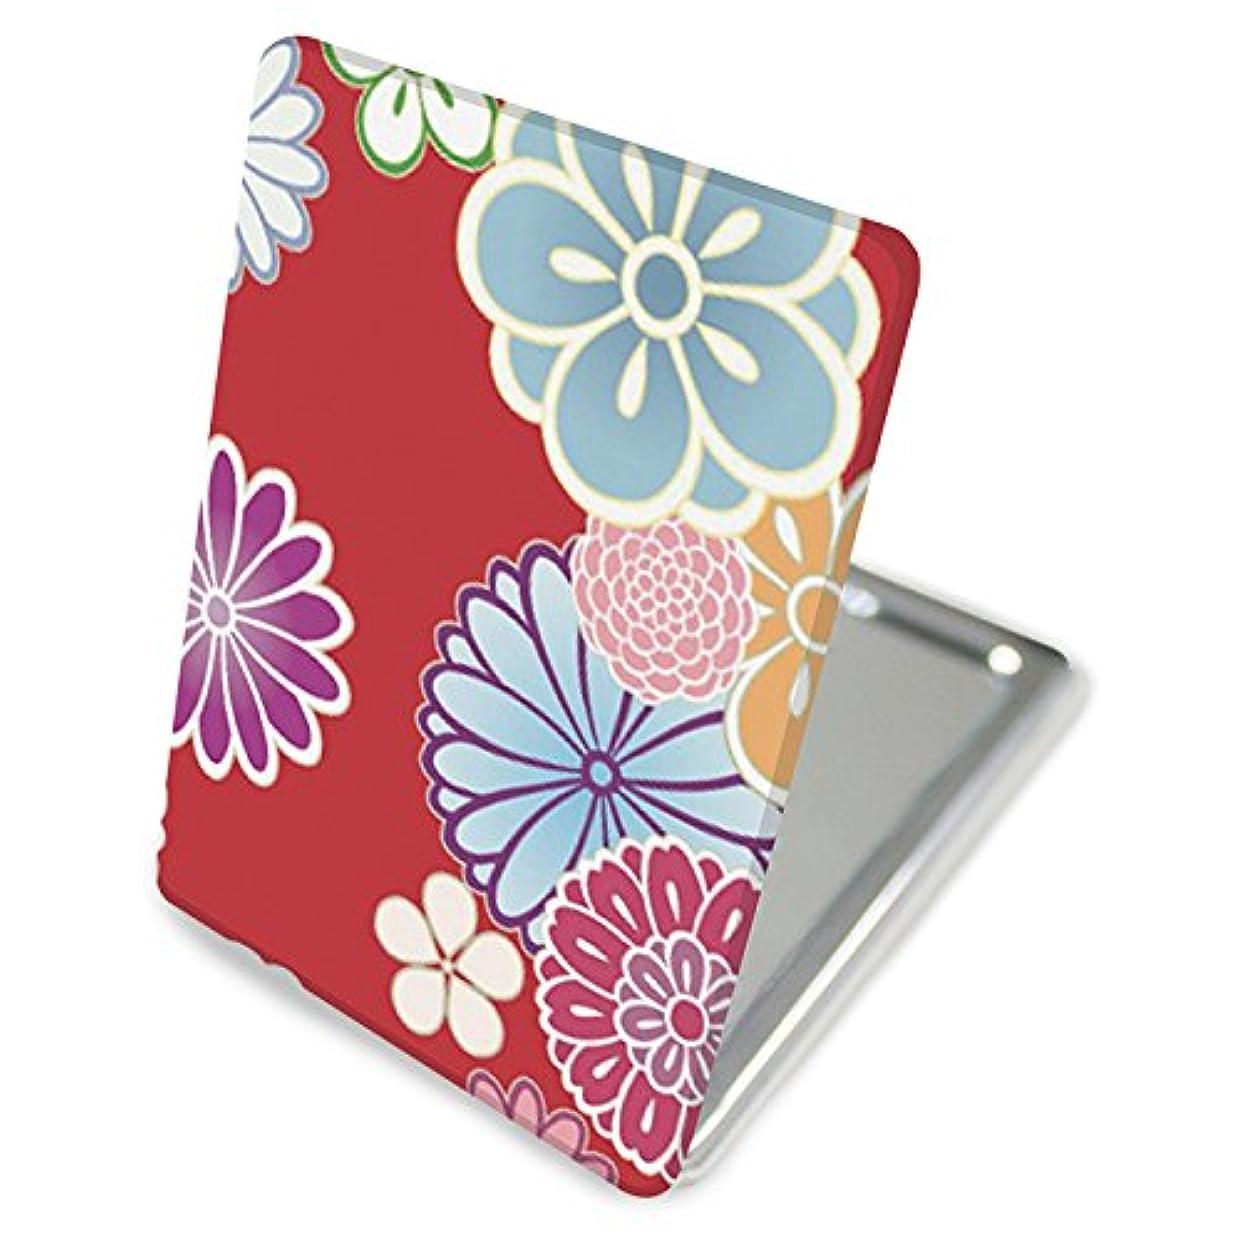 シャツベンチそんなに(カリーナ) Carine 手鏡 コンパクトミラー ハンドミラー 拡大鏡付 持ち歩きに便利 かわいい kgm014(C) 花柄 フラワー デザイン 和柄 和風 和花